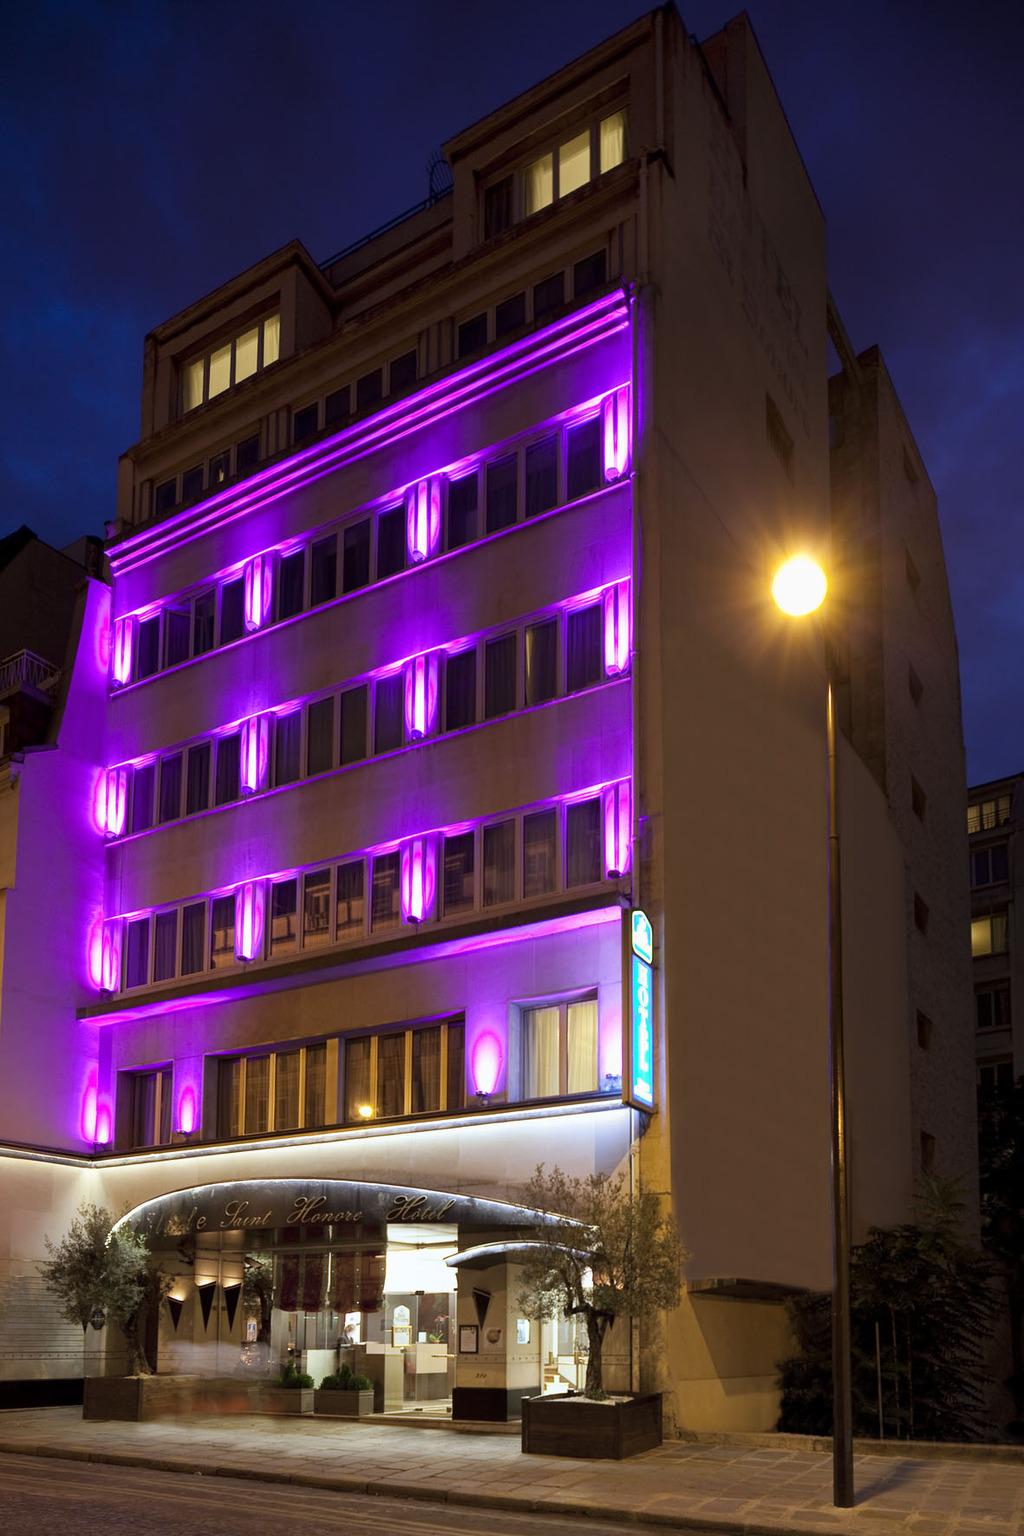 hotel clarion collection etoile saint honore paris 8e arrondissement france. Black Bedroom Furniture Sets. Home Design Ideas